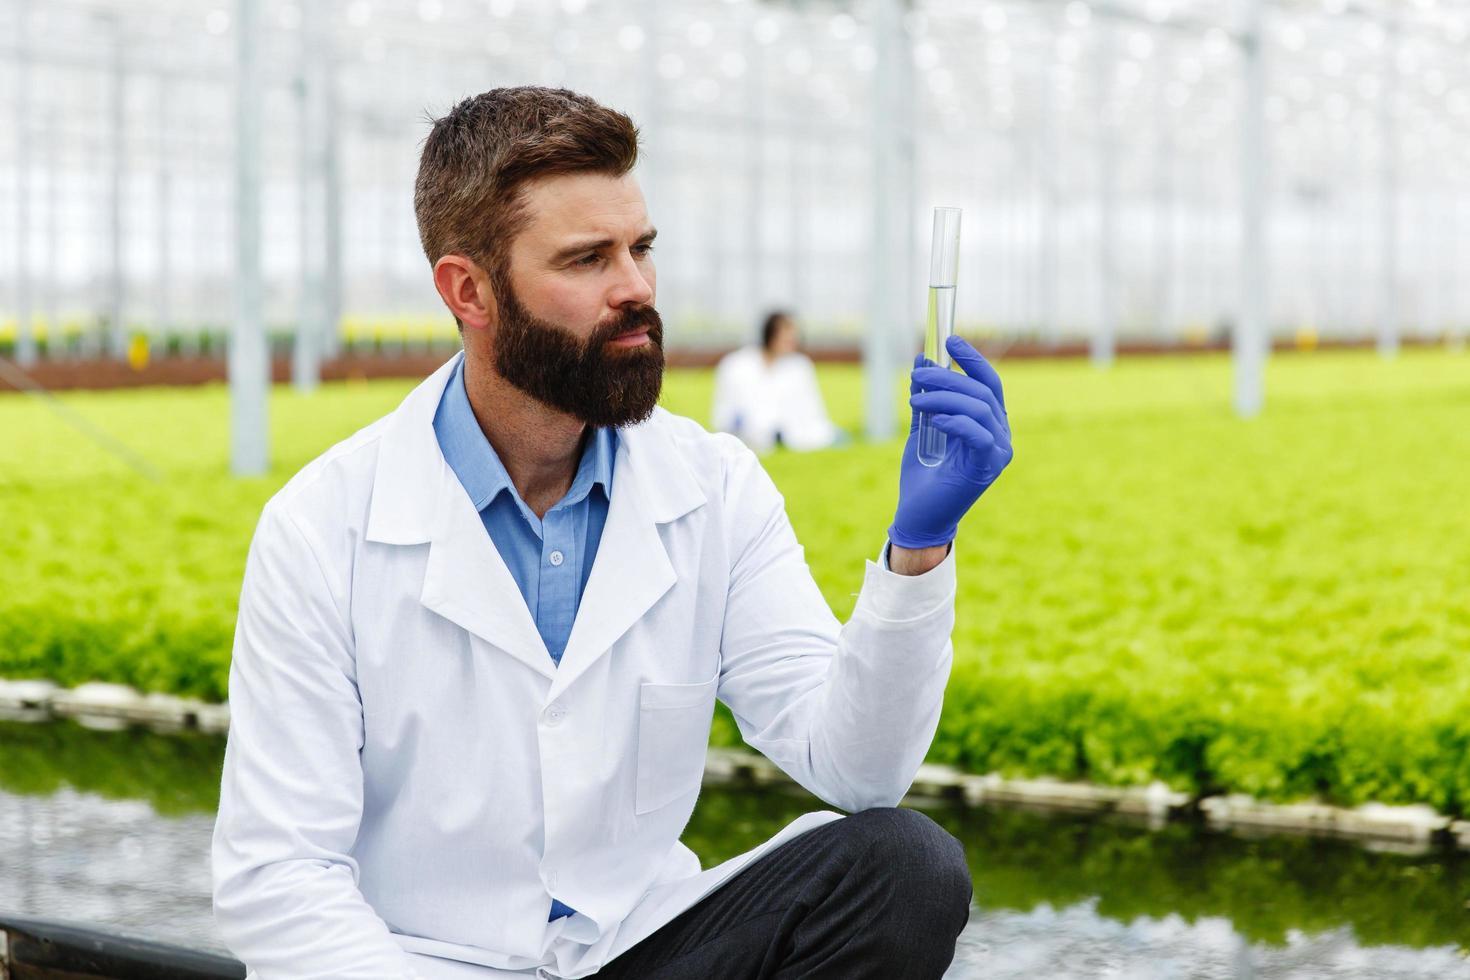 chercheur tenant un tube à échantillon photo